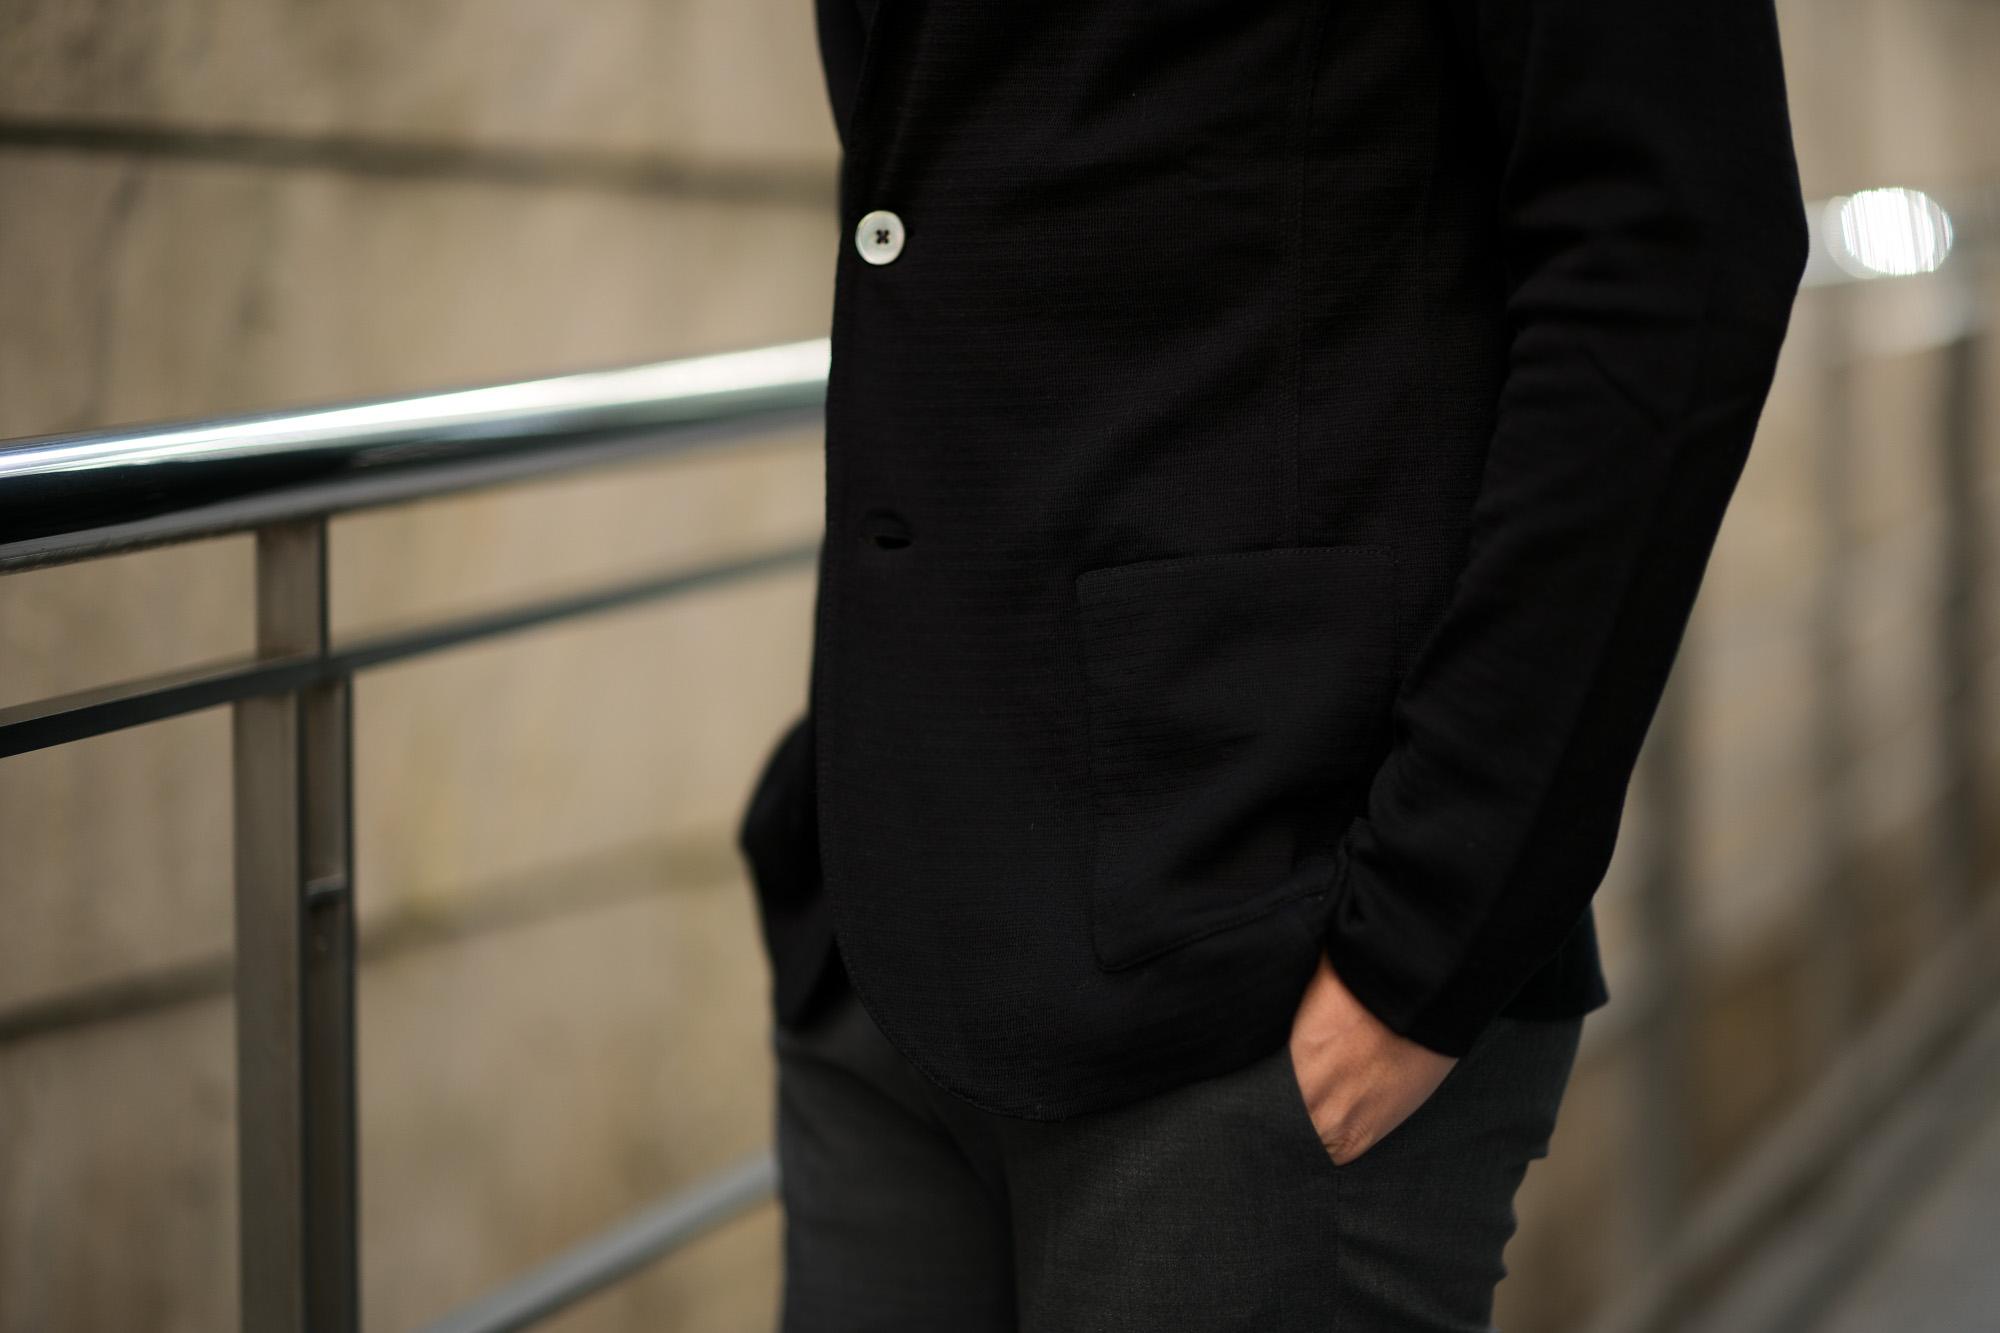 LARDINI (ラルディーニ) Milano Rib Knit Jacket (ミラノリブ ニット ジャケット) コットン ミラノリブ 2B ニットジャケット BLACK (ブラック・999) Made in italy (イタリア製) 2019 春夏新作 愛知 名古屋 alto e diritto アルトエデリット